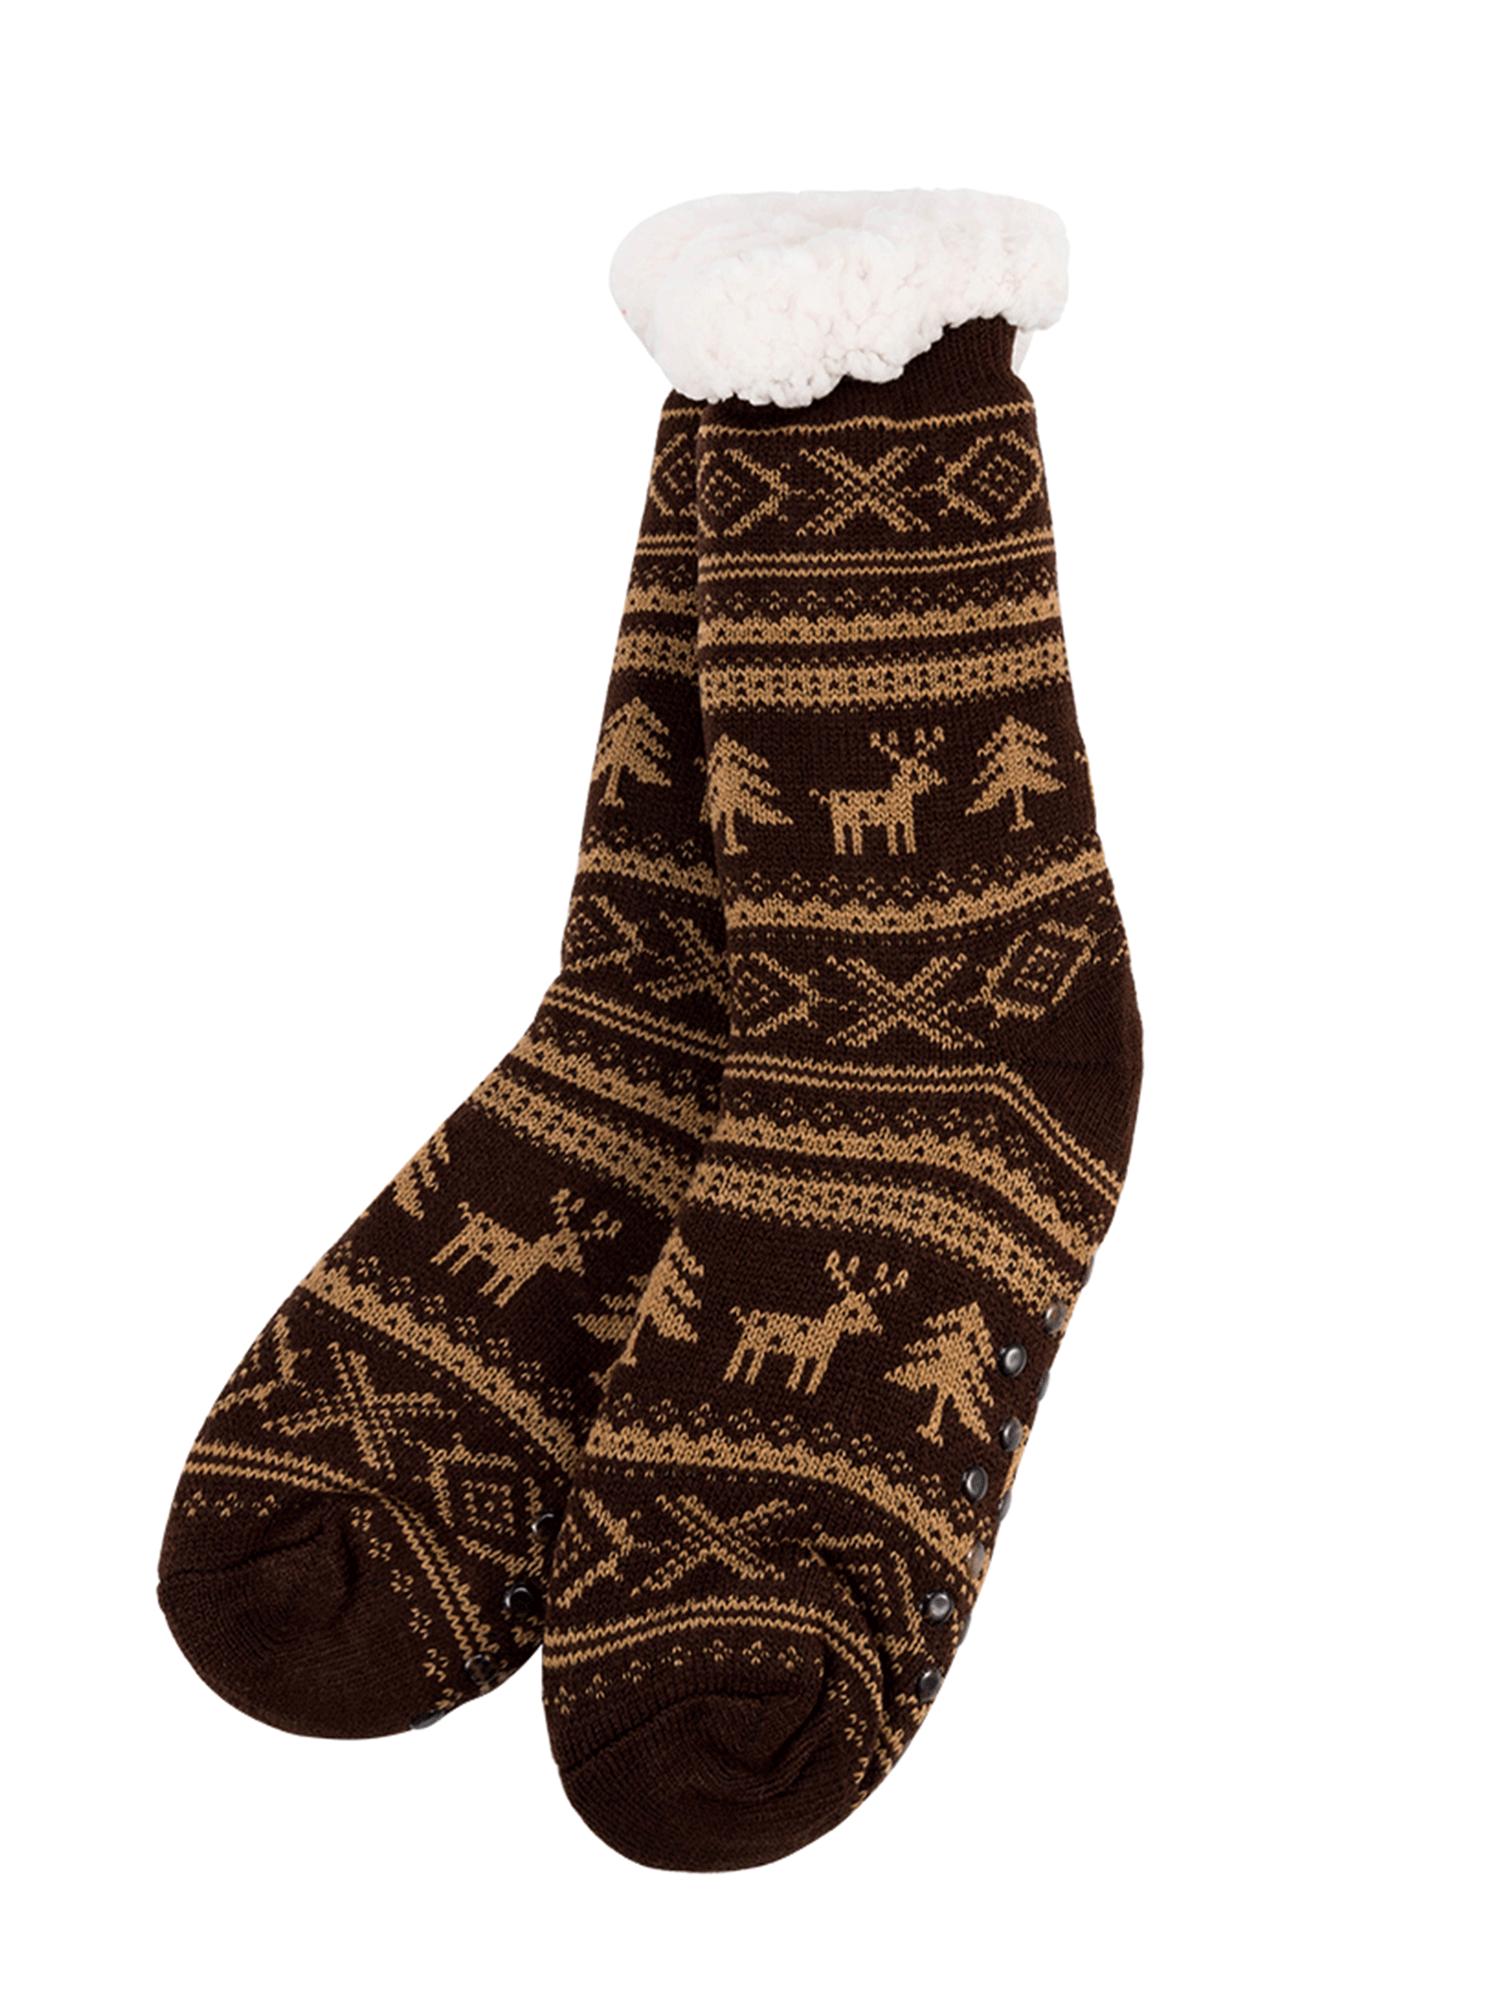 Newstar T032MBK Christmas Slipper Socks for Men, Men's Fleece Lining Fuzzy Soft Warm Winter Socks, Pink Knee Highs Stockings Slipper Socks for Adults,(Six Colors)